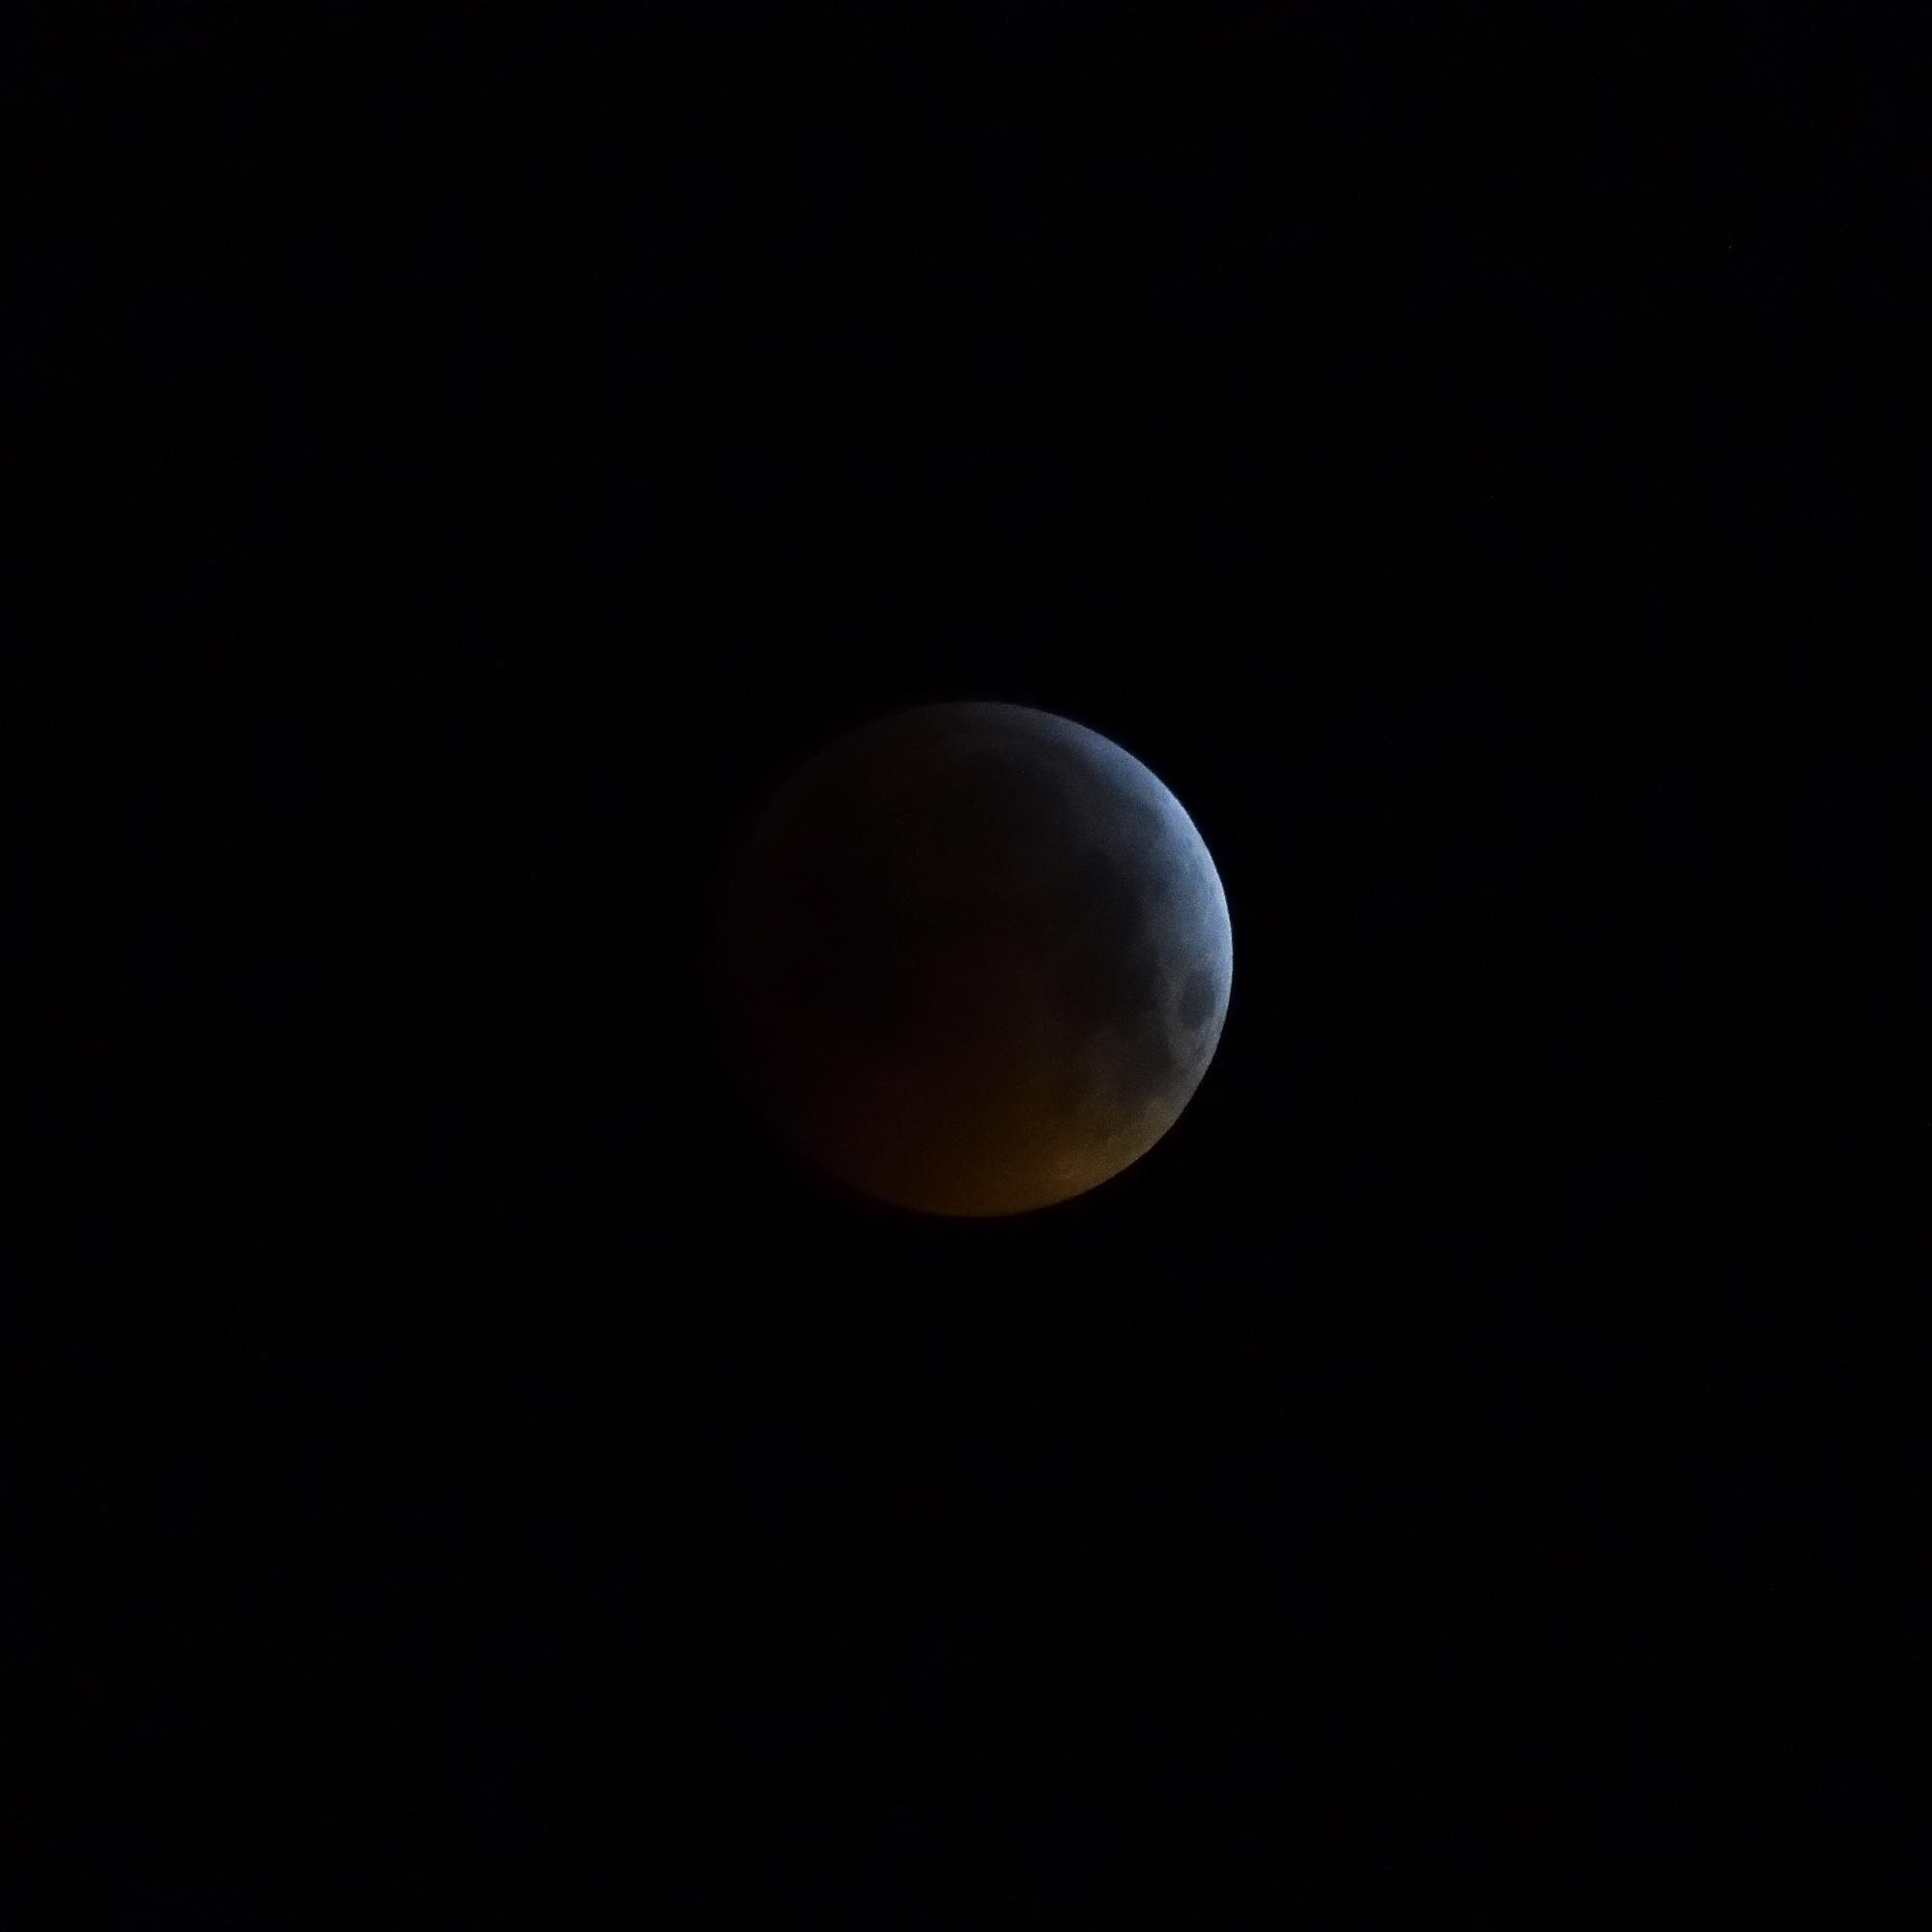 Eclipse de la Lune, le 21/01/19 : 2019-015